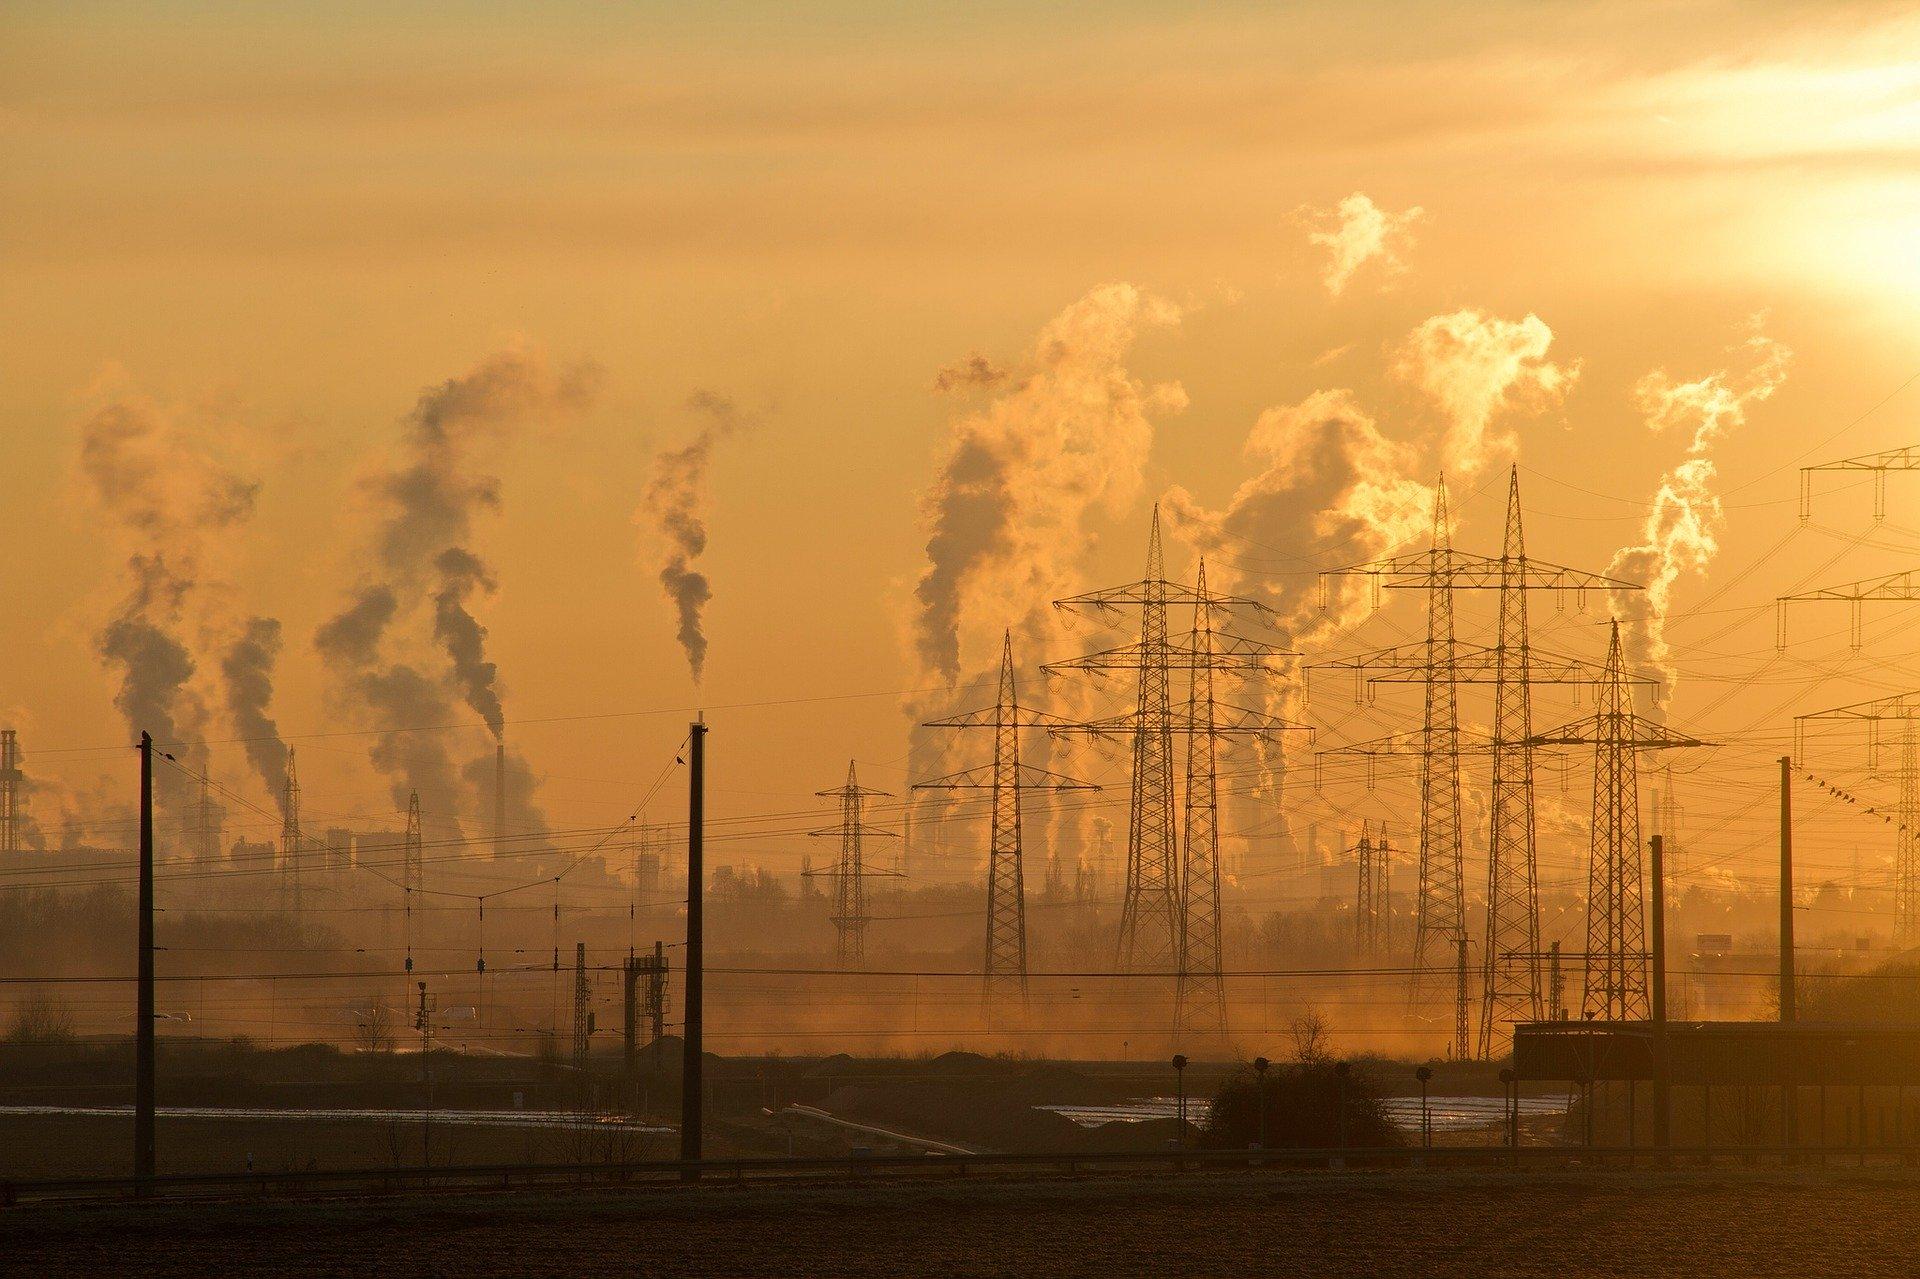 Zmiany klimatu przez przemysł